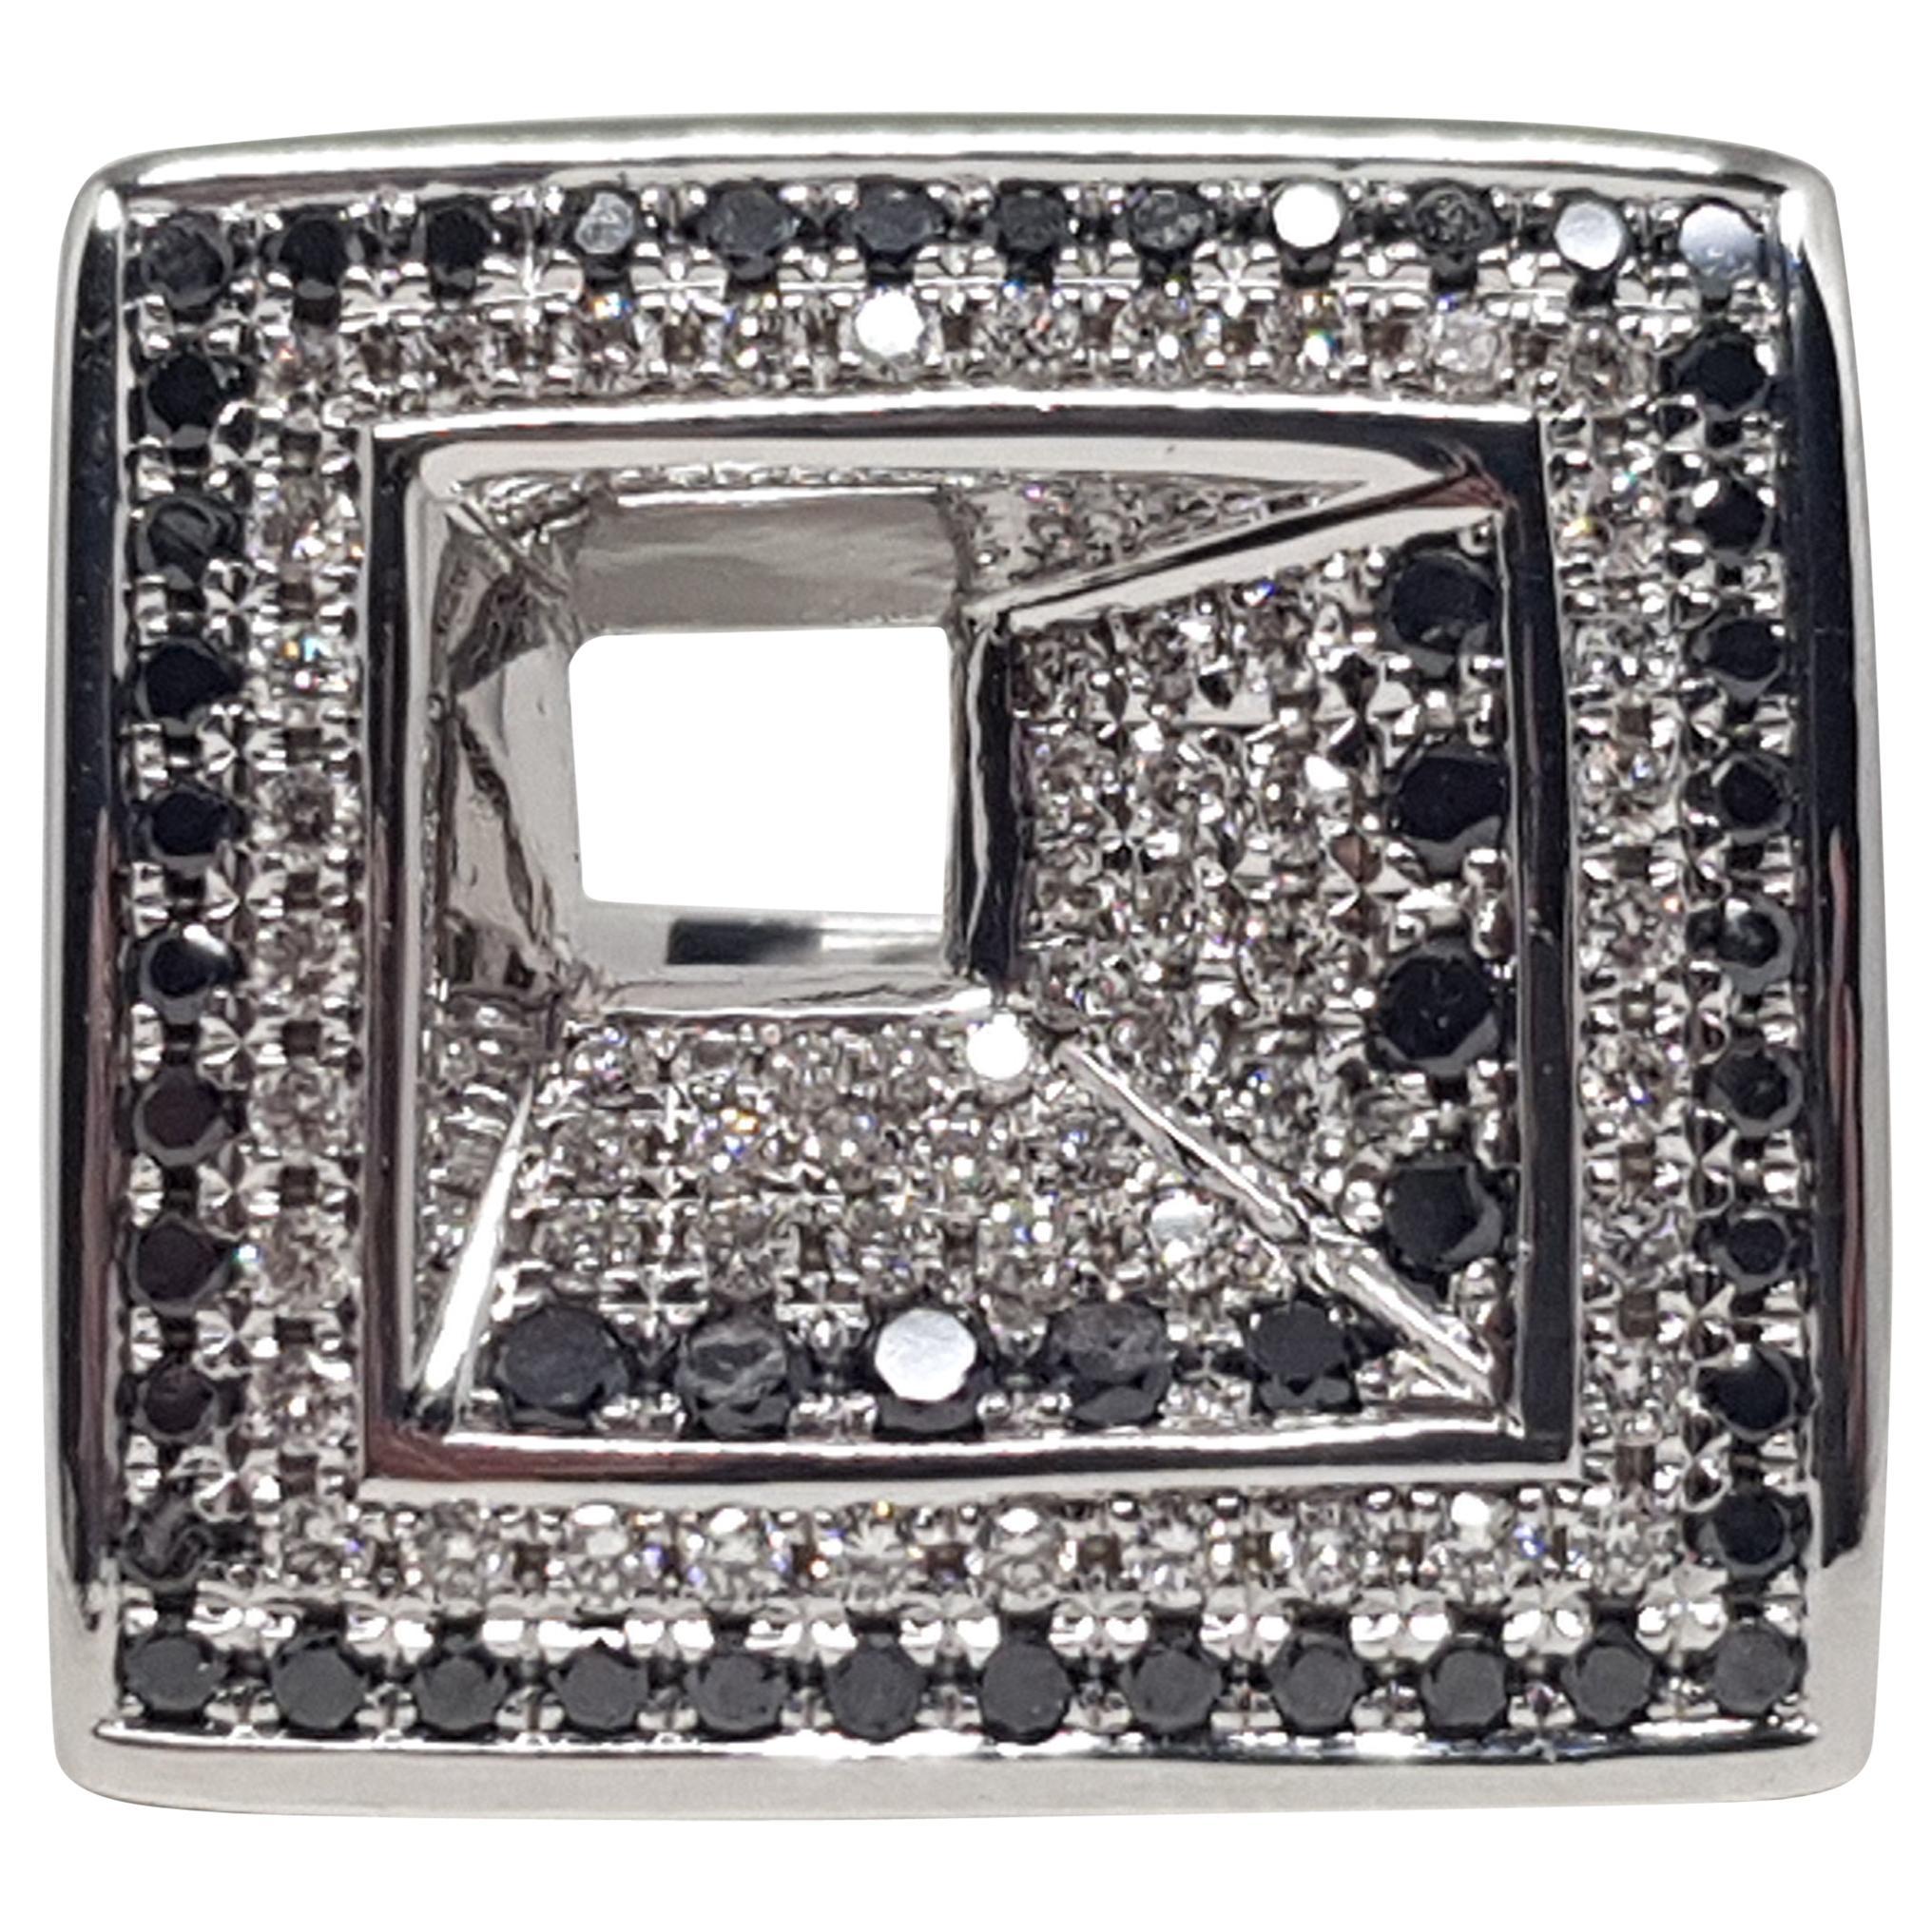 2.08 Carat White Gold Black Diamond Ring